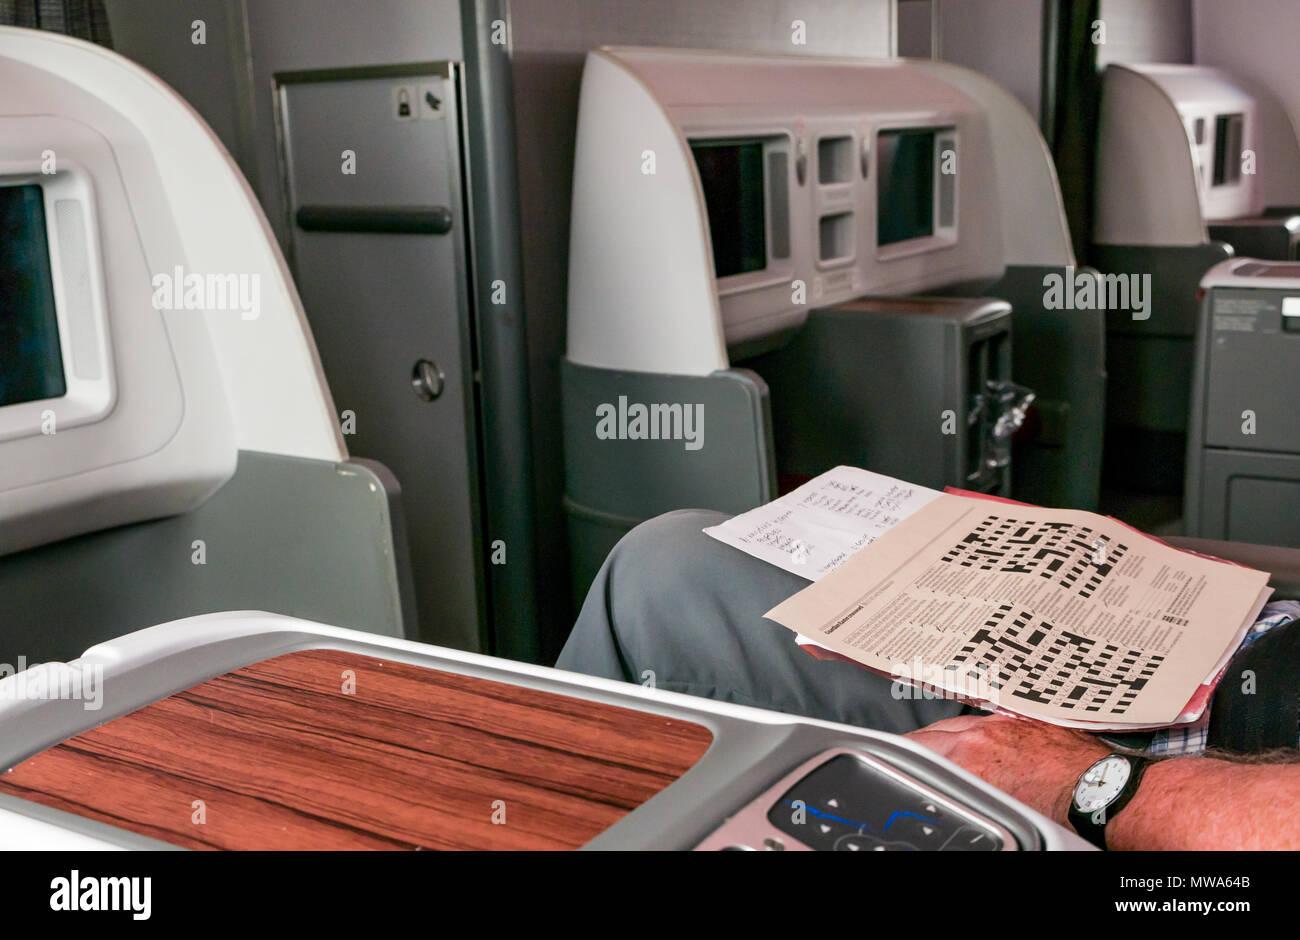 bb6dd636d2f78 Los asientos de clase Business LATAM airlines 787 Dreamliner con hombre  haciendo Guardian Crucigrama Pascua